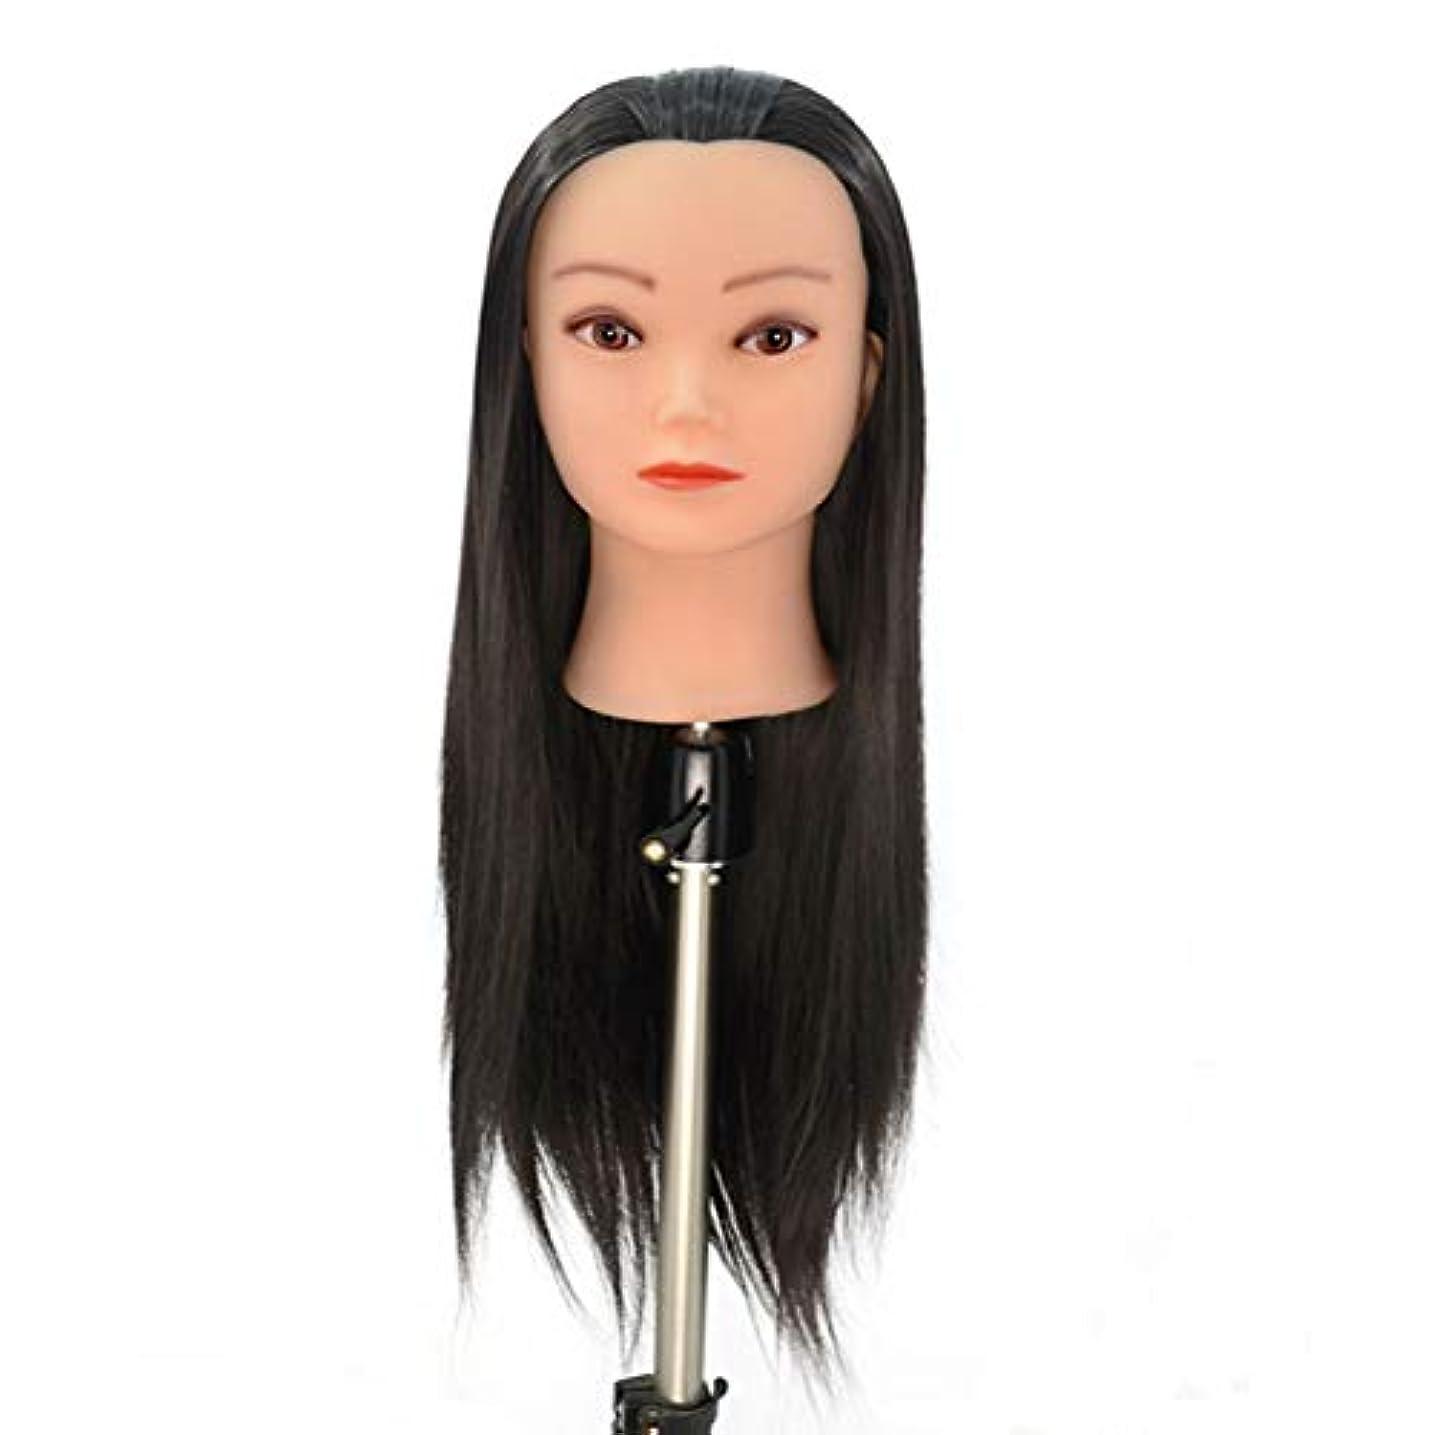 ふくろうずるい残基は、花嫁の髪編組ひも学習ヘッドモデル理髪モデルヘッド理髪サロン散髪ダミー練習ヘッド